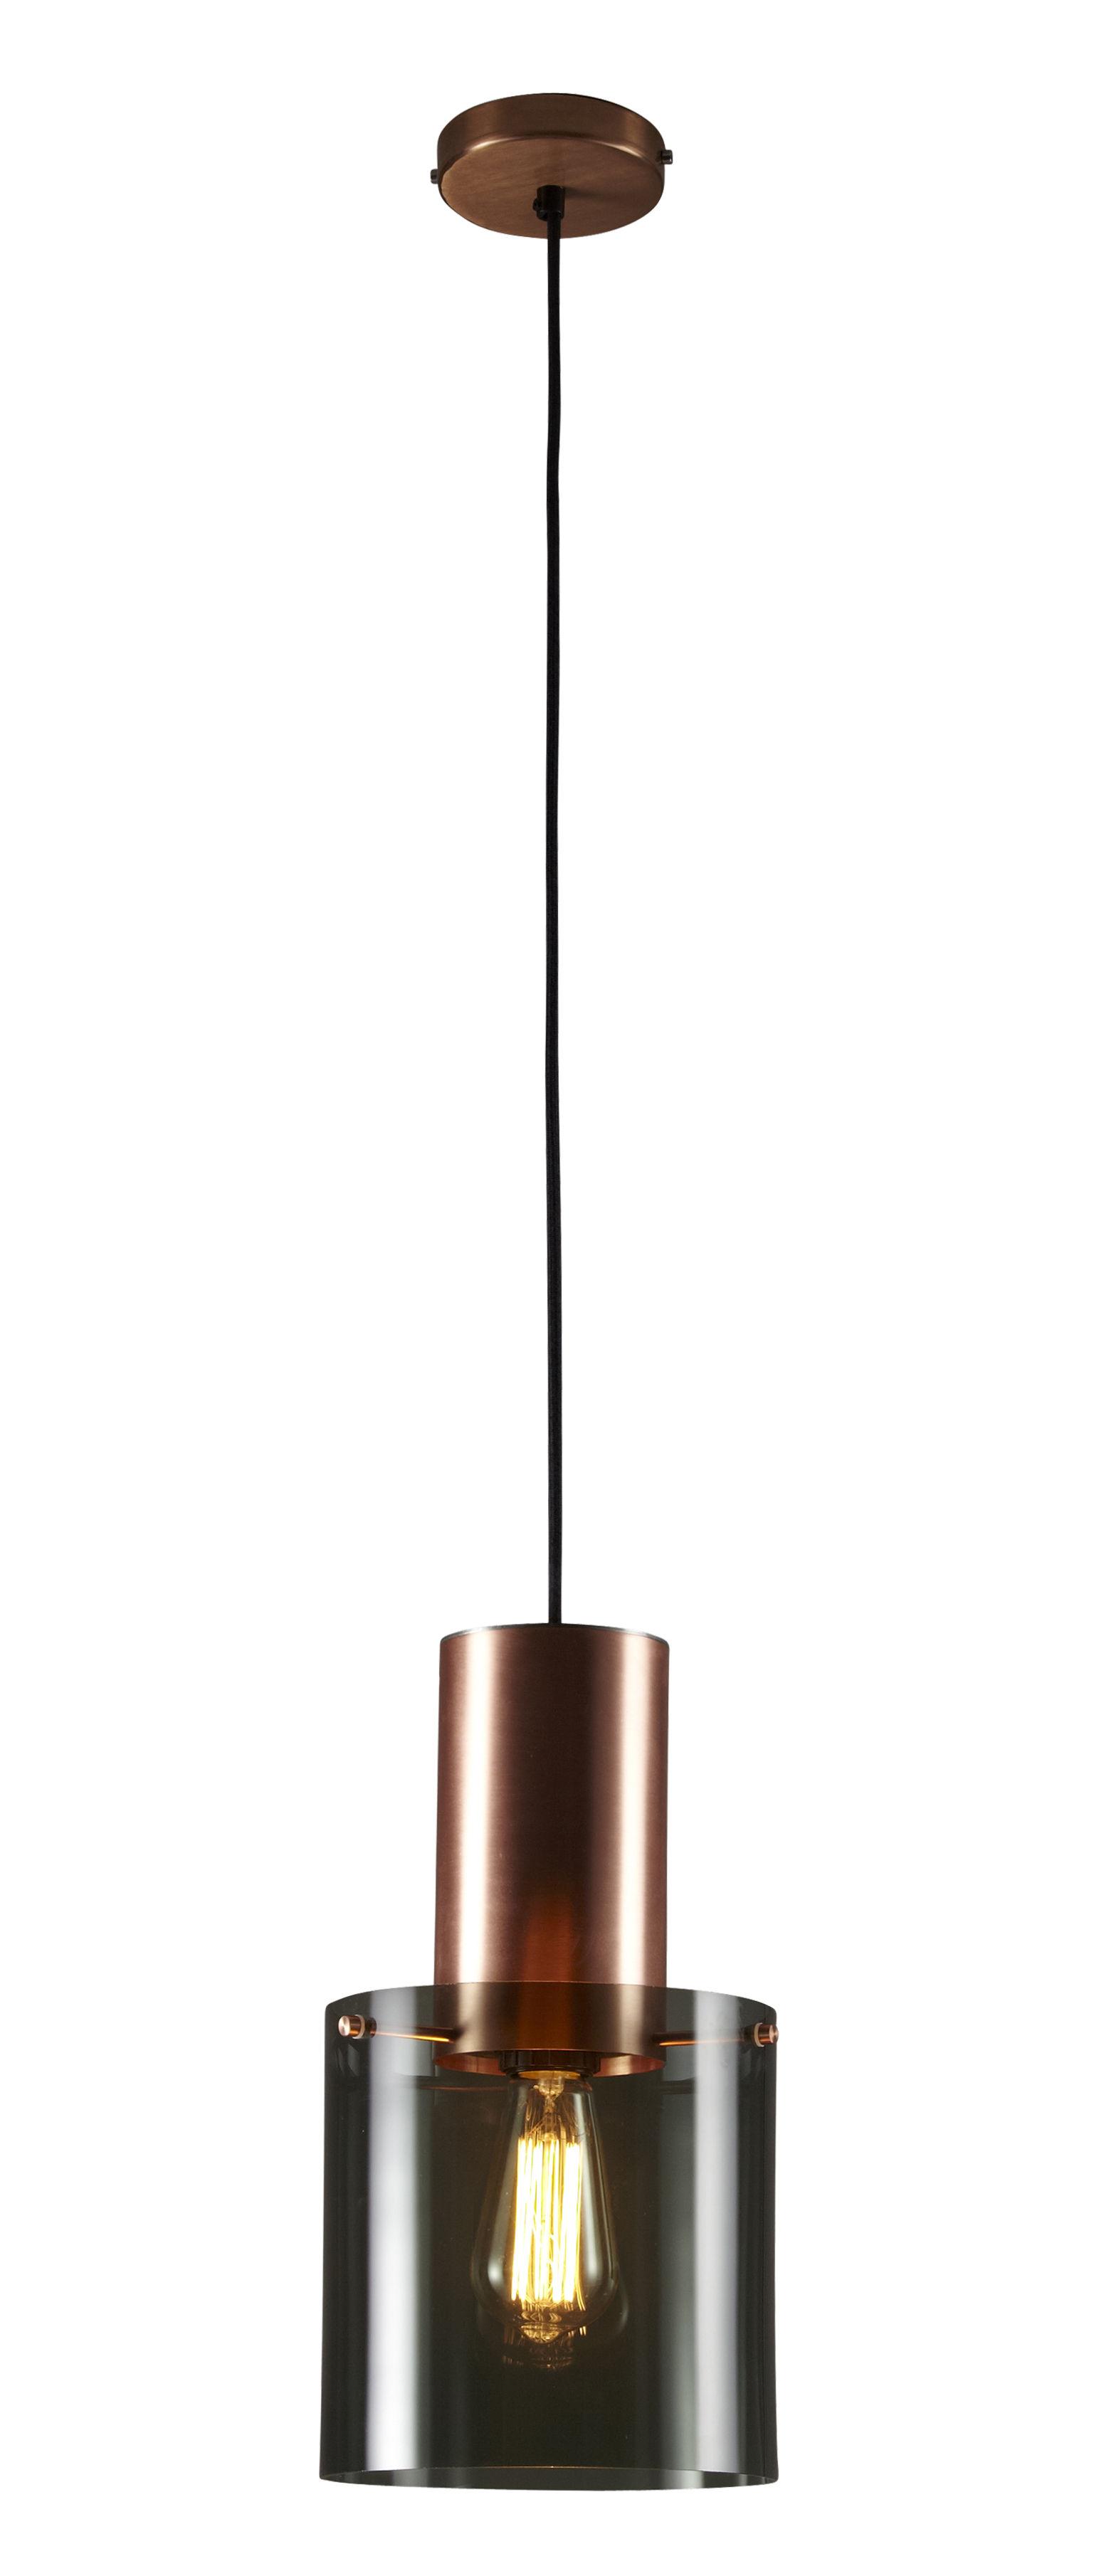 Illuminazione - Lampadari - Sospensione Walter 2 - / vetro e rame di Original BTC - Vetro antracite / Rame satinato - Rame satinato, Vetro